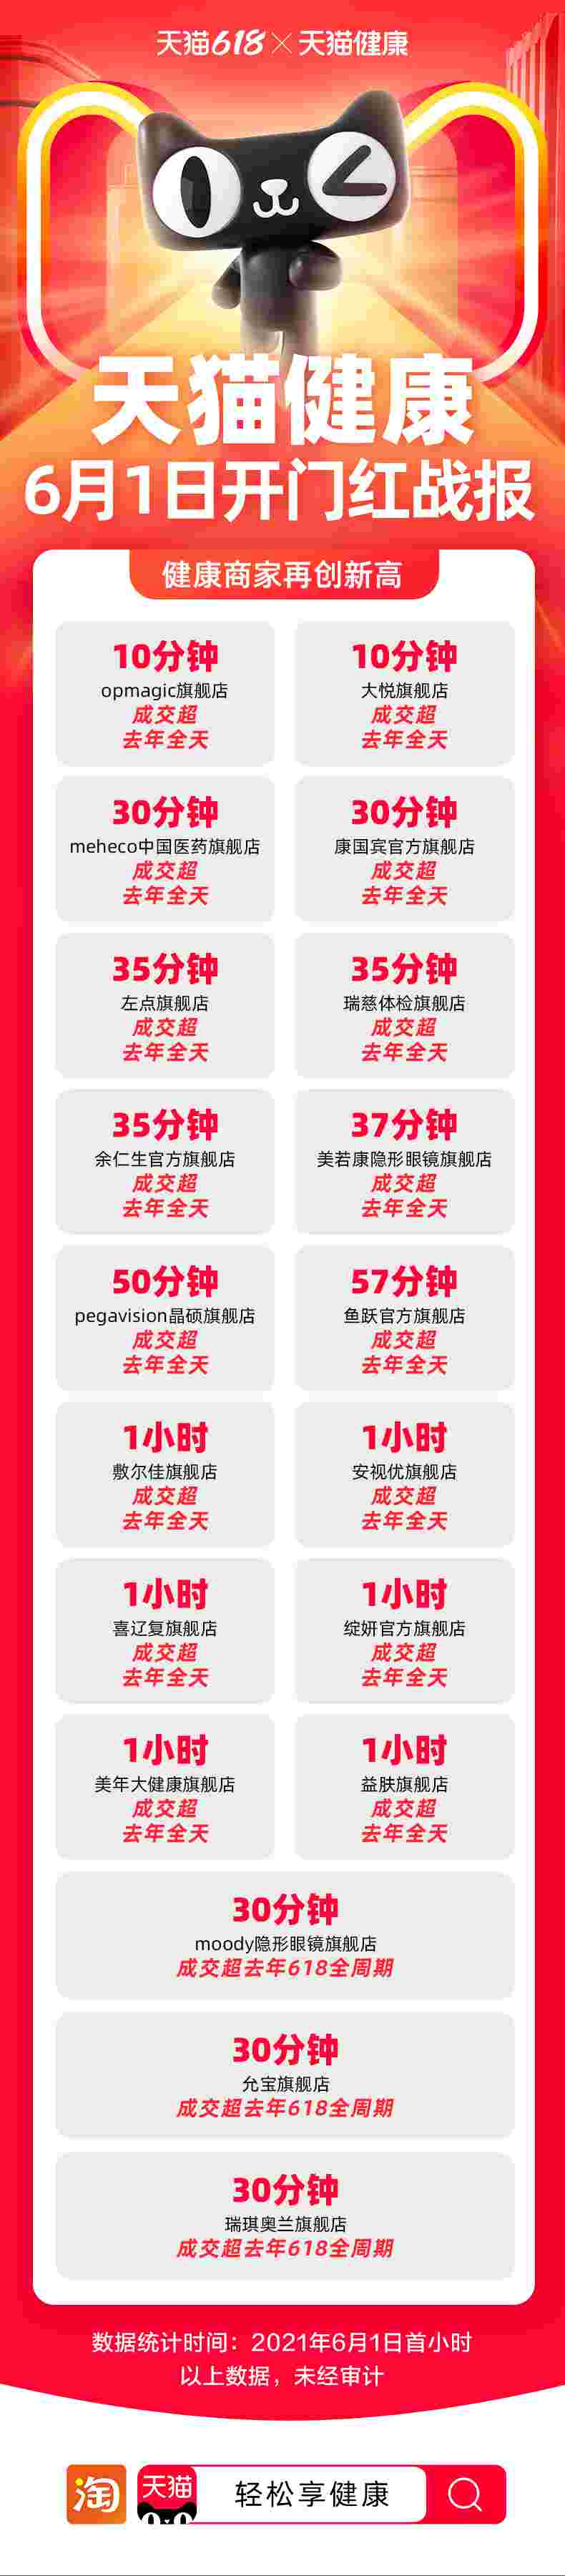 天猫健康618开售首日,健康消费呈现即食化、养生化趋势